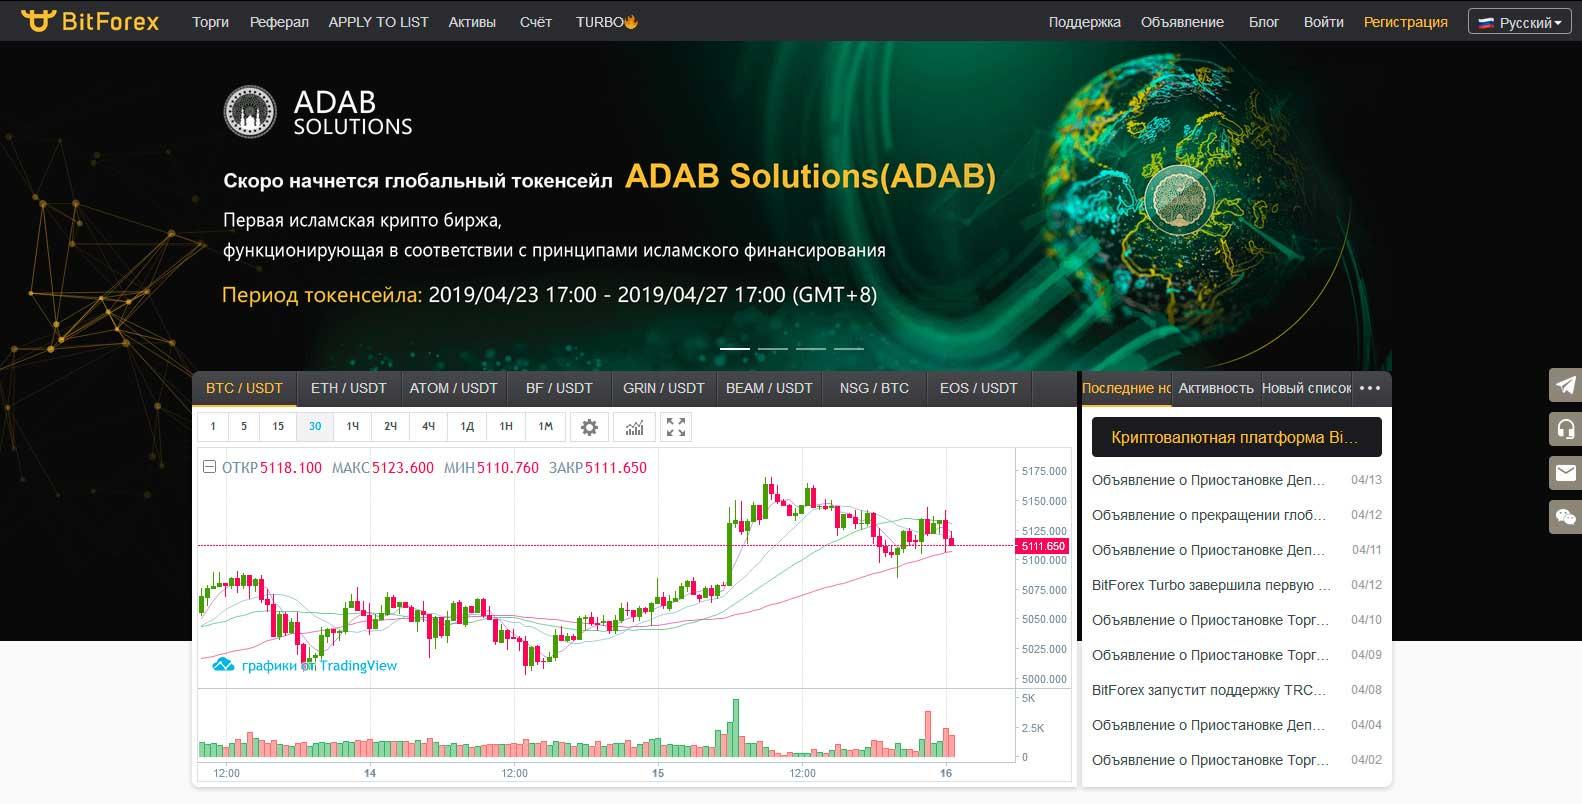 bitforex биржа официальный сайт